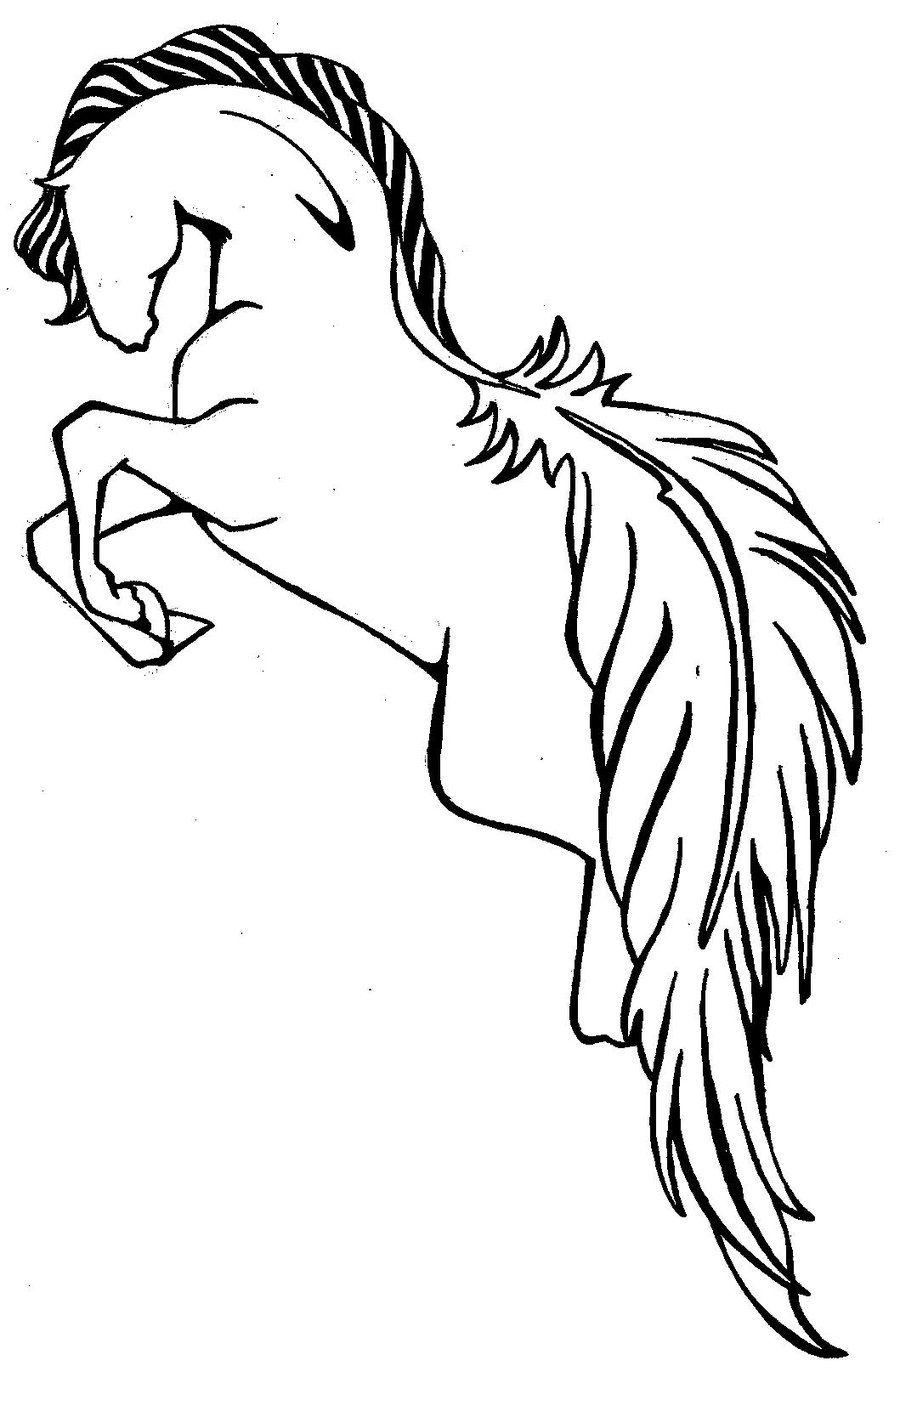 Horse Tattoo Idea...kinda neat....id add more Horse